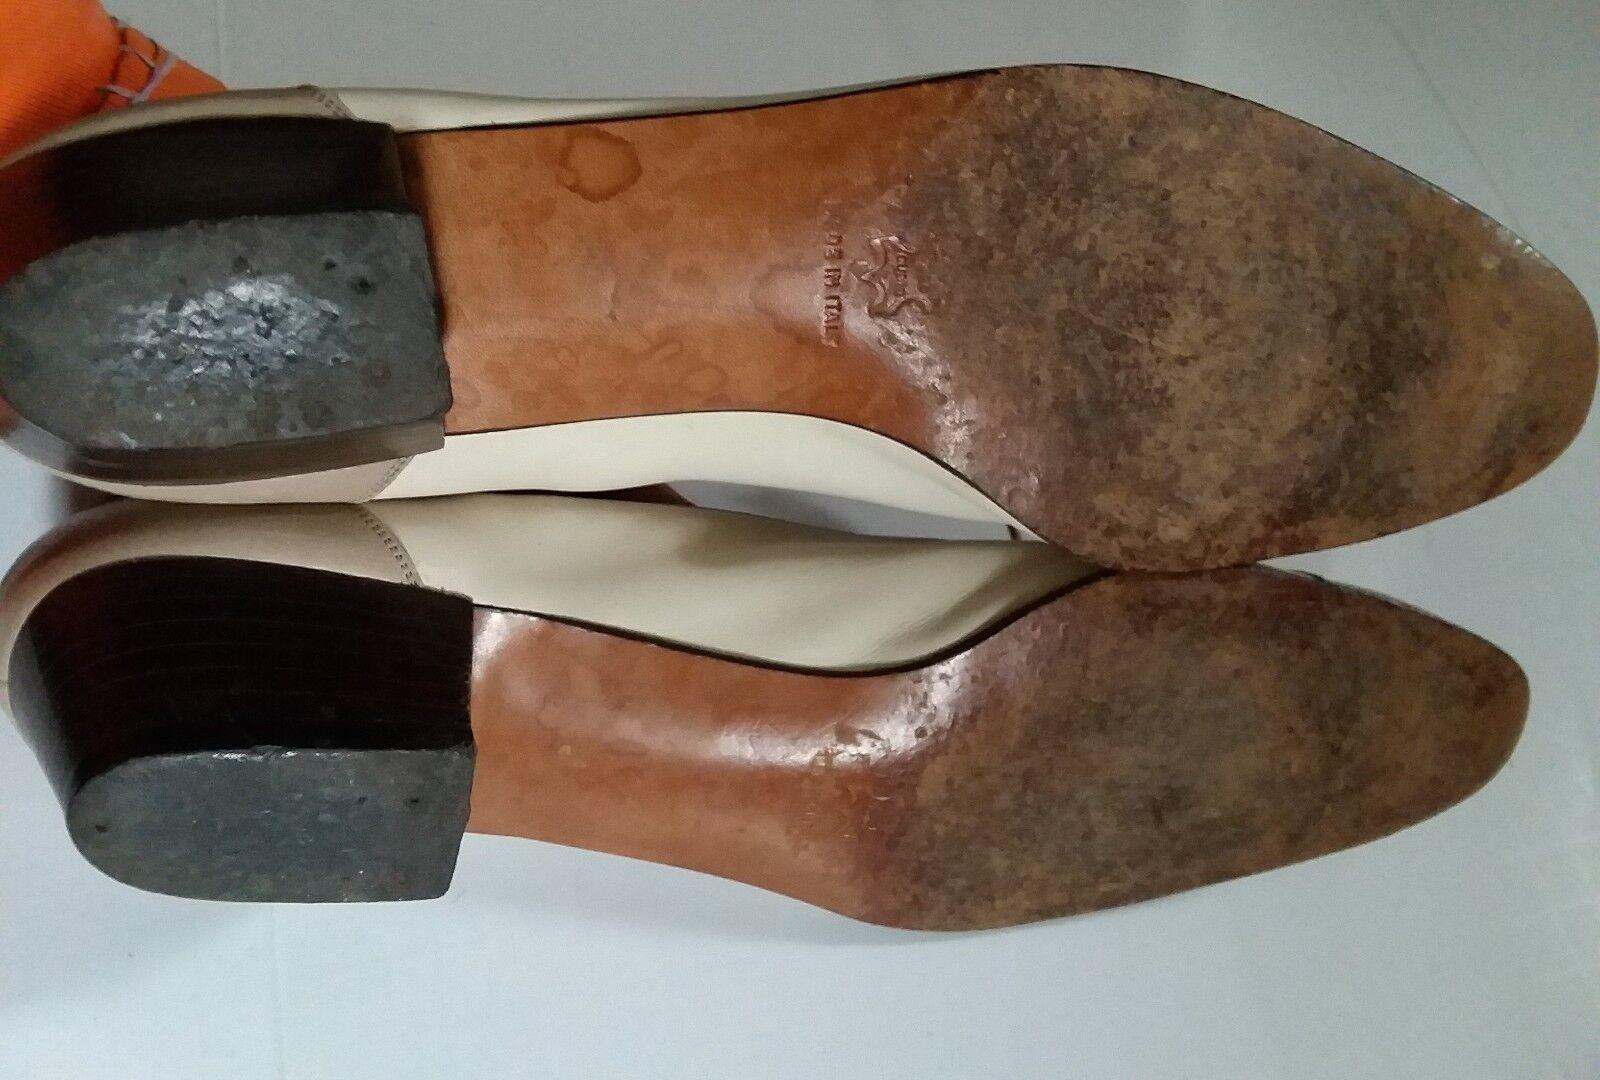 Vtg Salvatore Größe Ferragamo Schuhes Damens Größe Salvatore 9A Two Toned Beige Light Braun Lace Up 294140